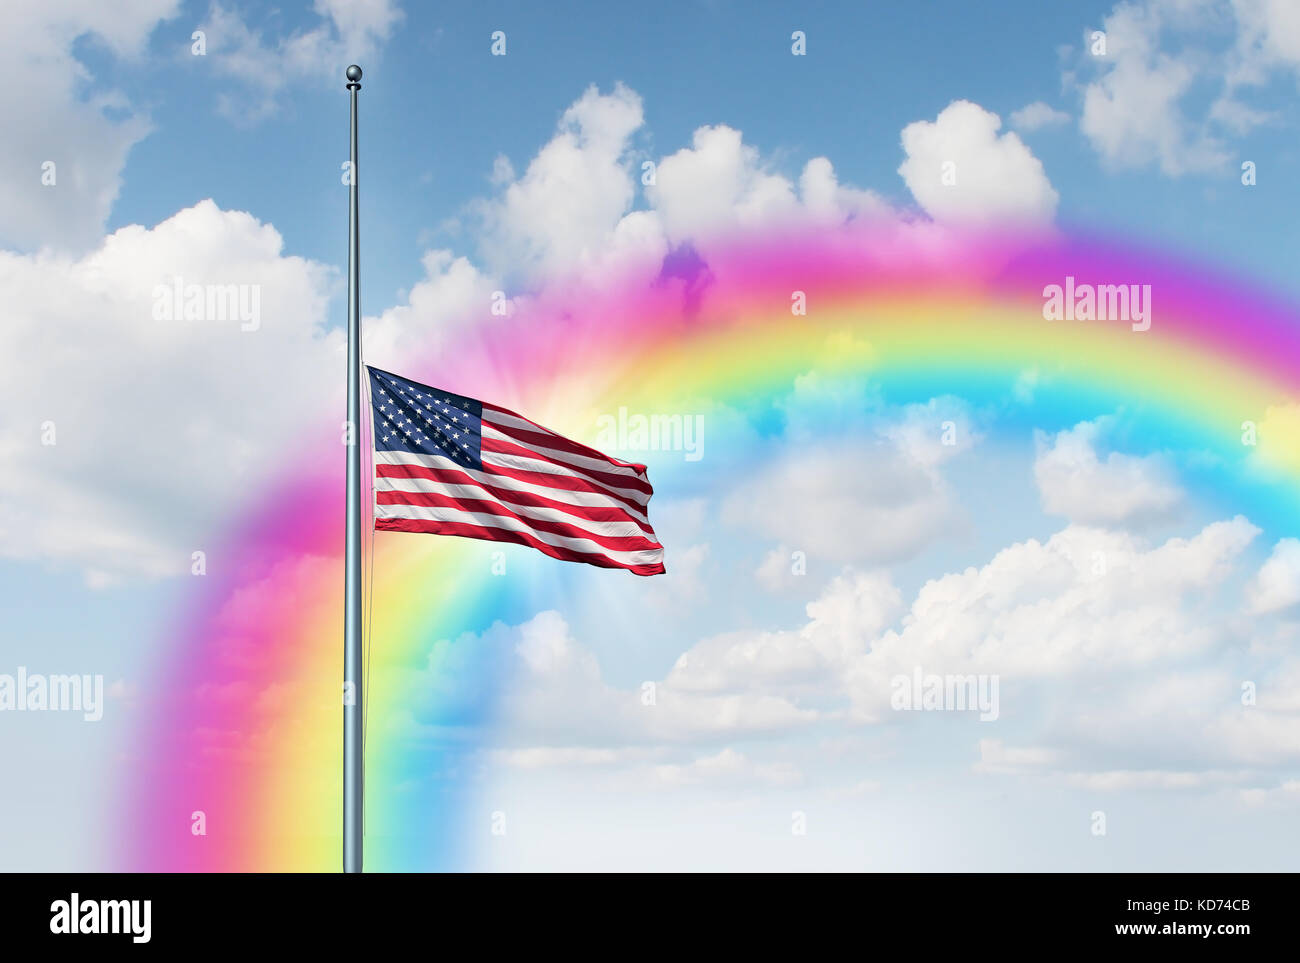 Media asta la bandera americana esperanza rainbow concepto como un símbolo de los Estados Unidos volando a Imagen De Stock